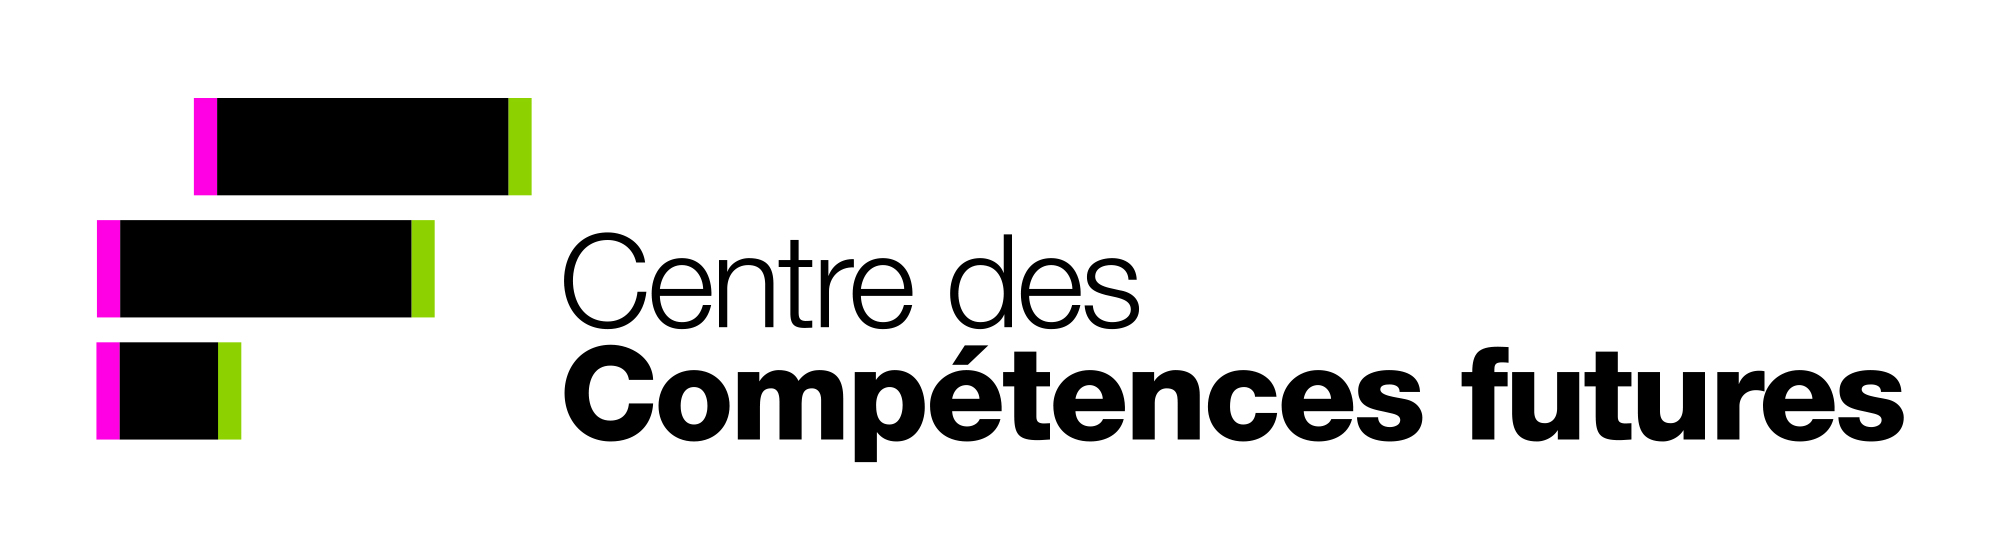 Centre des compétences futures